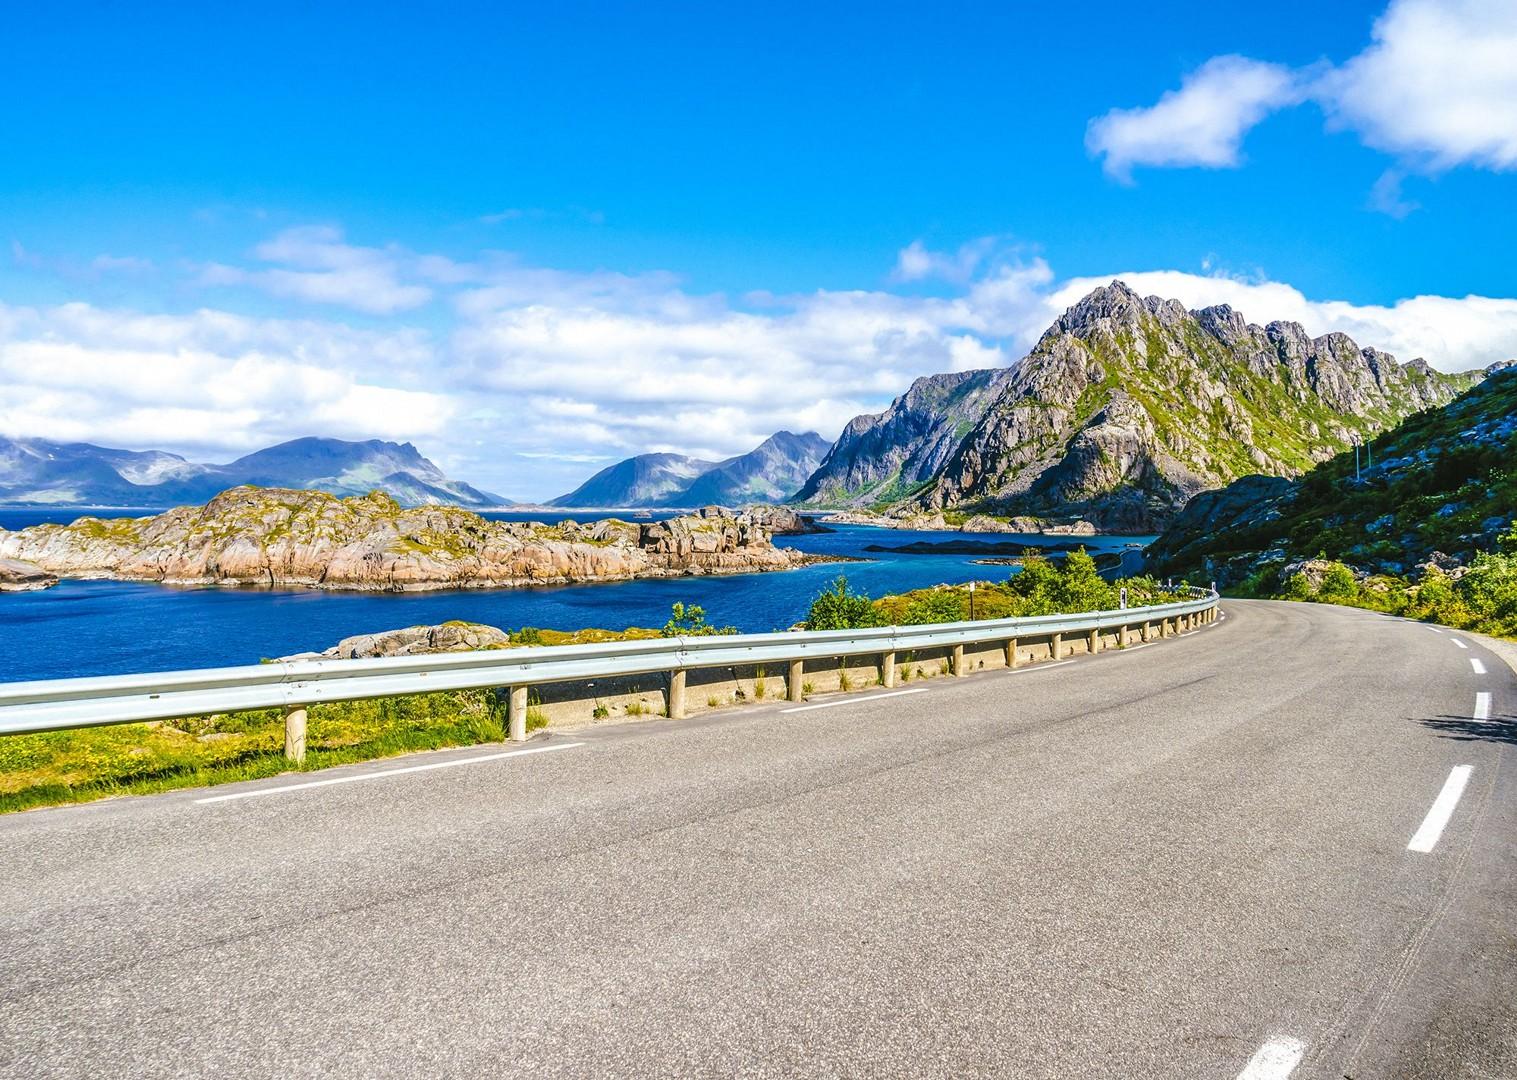 cycle-incredible-views-lofoten-mountains-leisure-saddle-skedaddle.jpg - Norway - Lofoten Islands - Self-Guided Leisure Cycling Holiday - Leisure Cycling